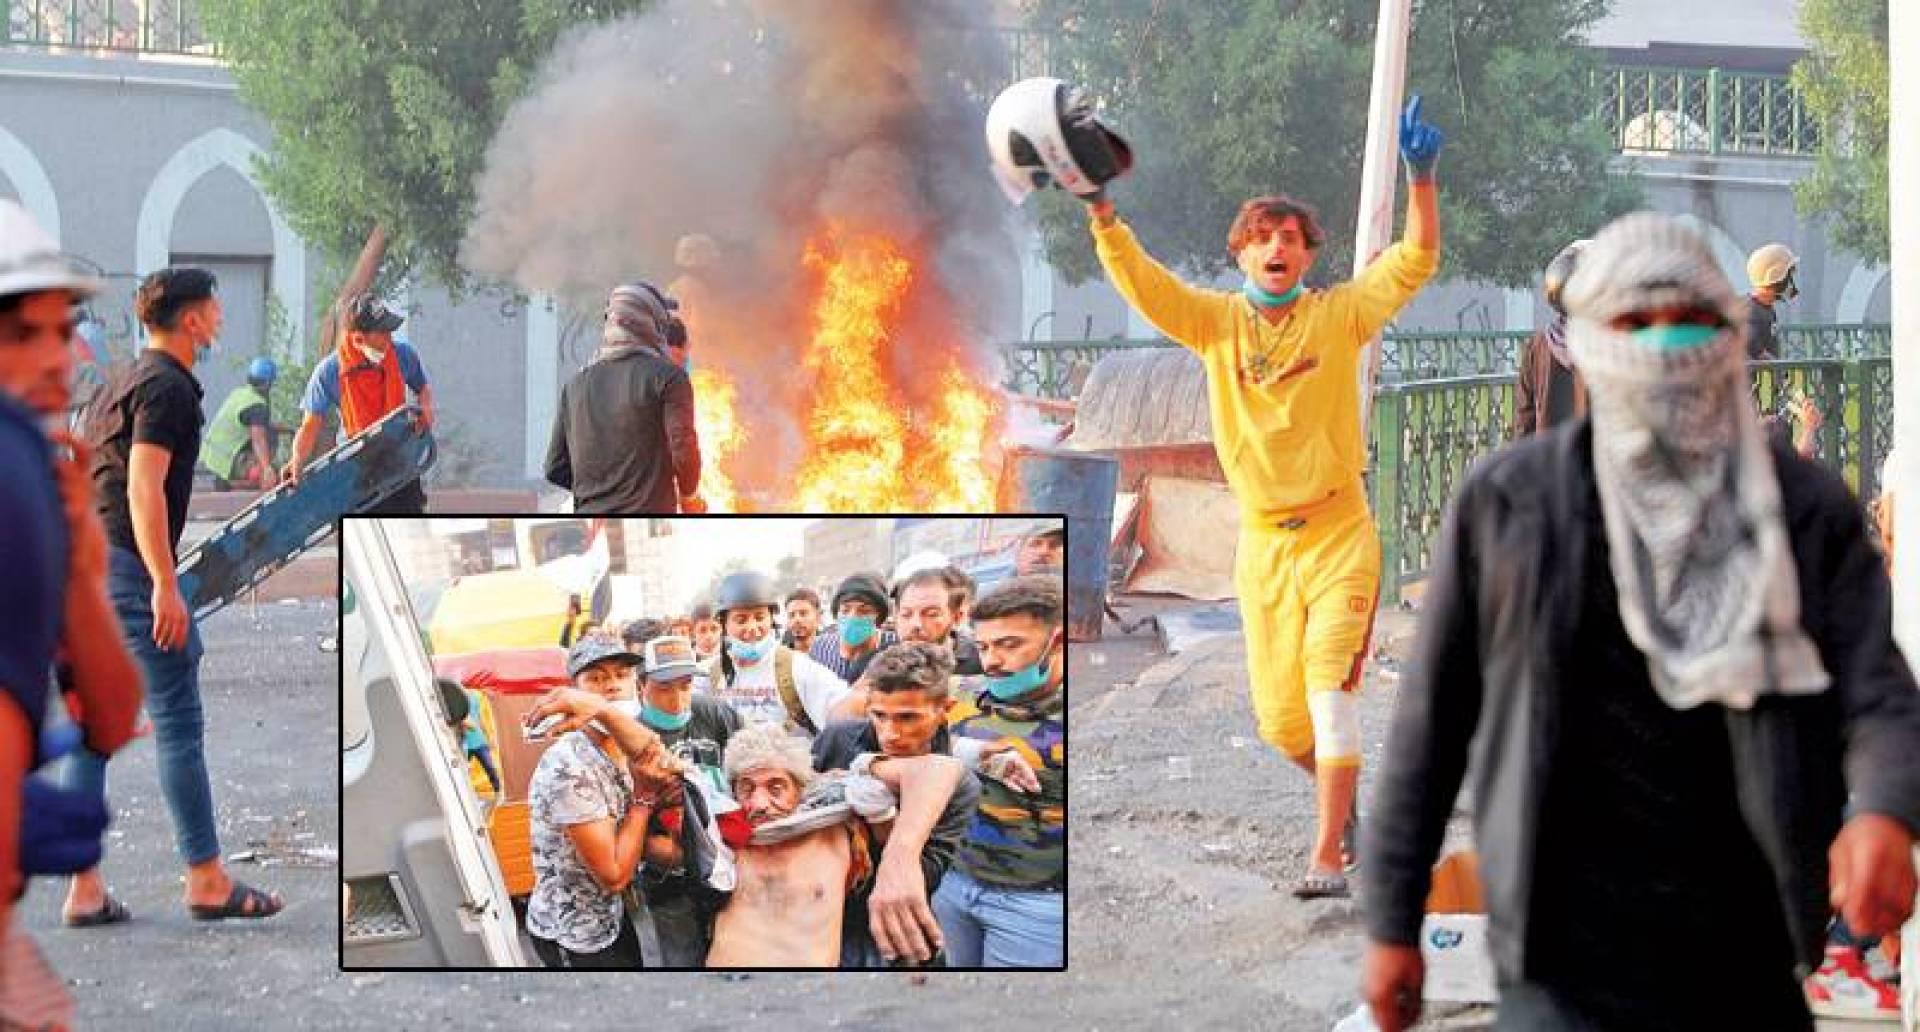 متظاهرون يشعلون النيران خلال مواجهات مع قوات الأمن في بغداد.. وفي الإطار إسعاف جريح | رويترز